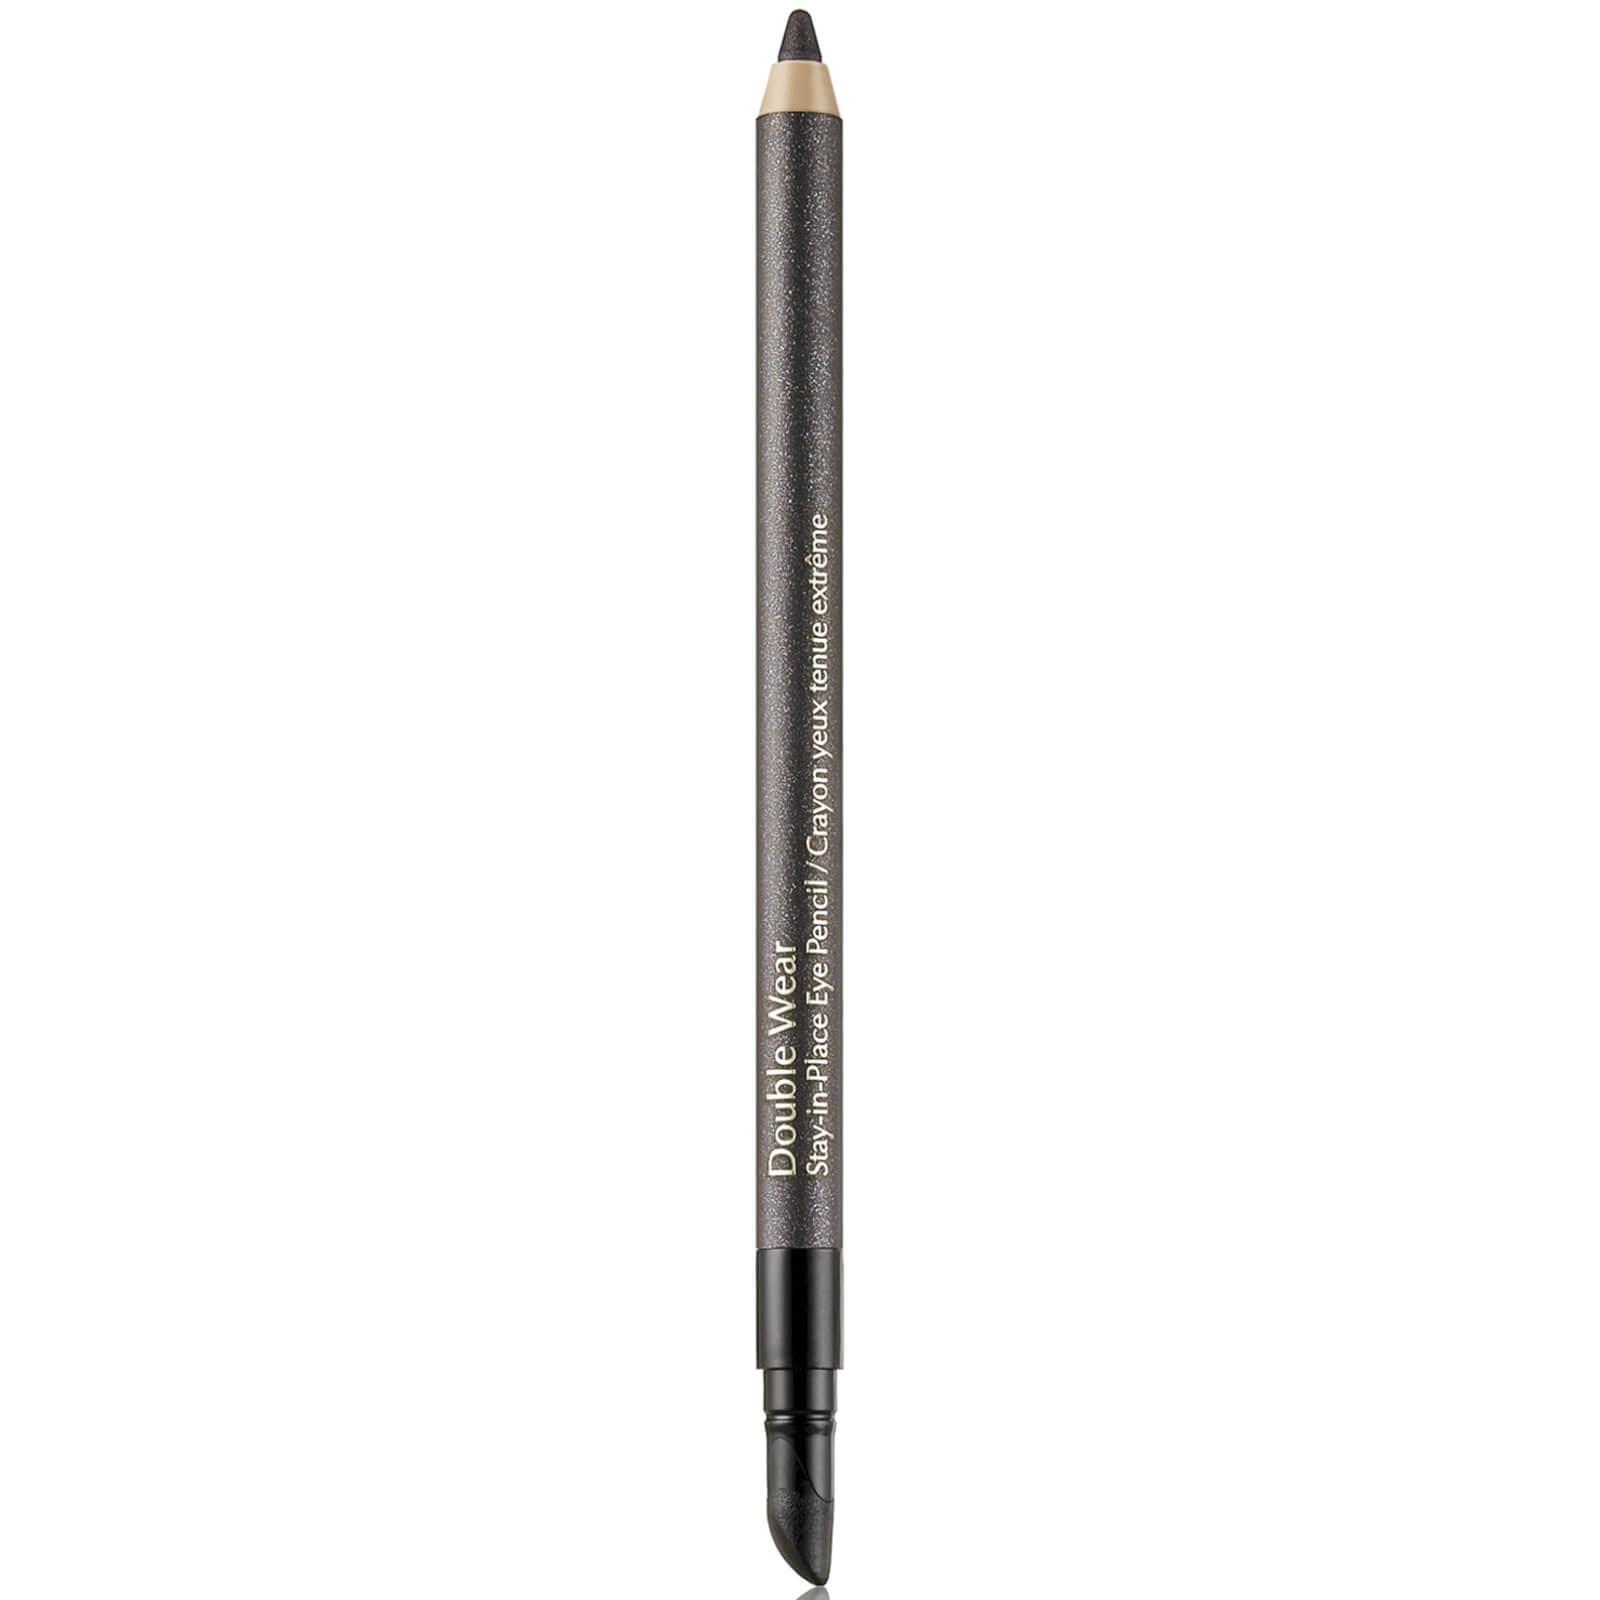 Estée Lauder Double Wear Stay-in-Place Eye Pencil 1.2g - Night Diamond